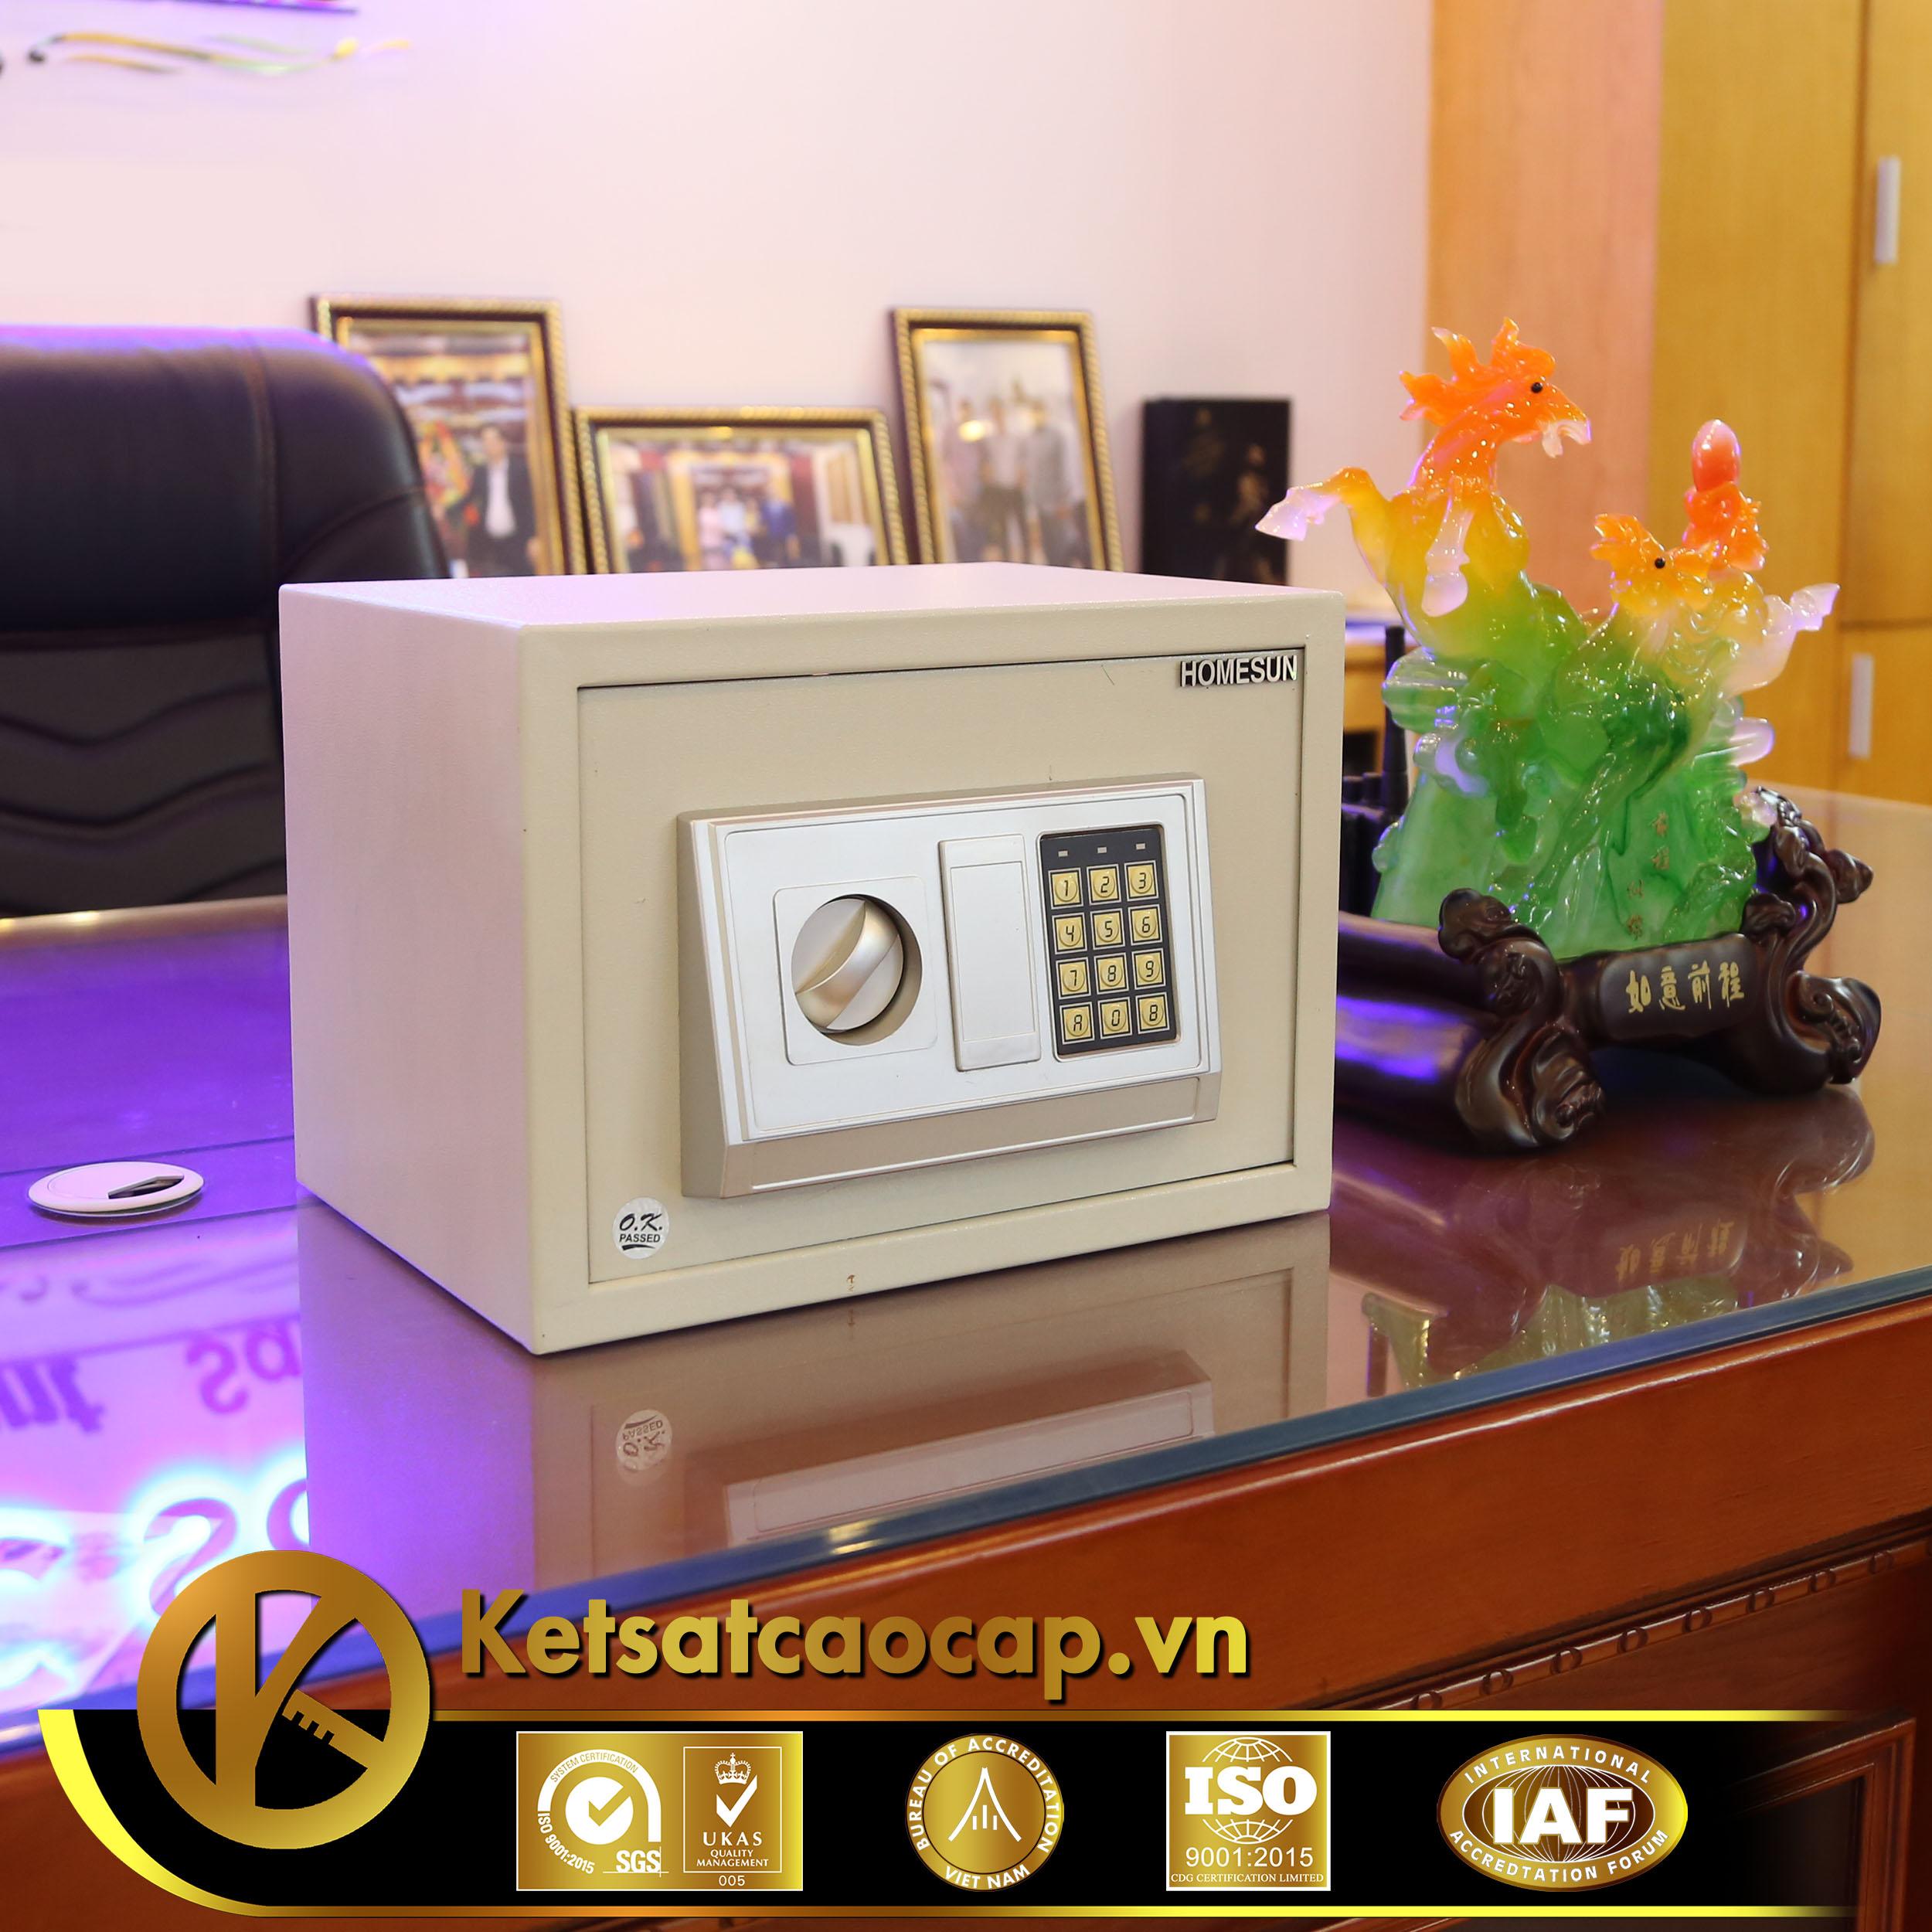 Két sắt khách sạn cao cấp KS25-ACT VUÔNG